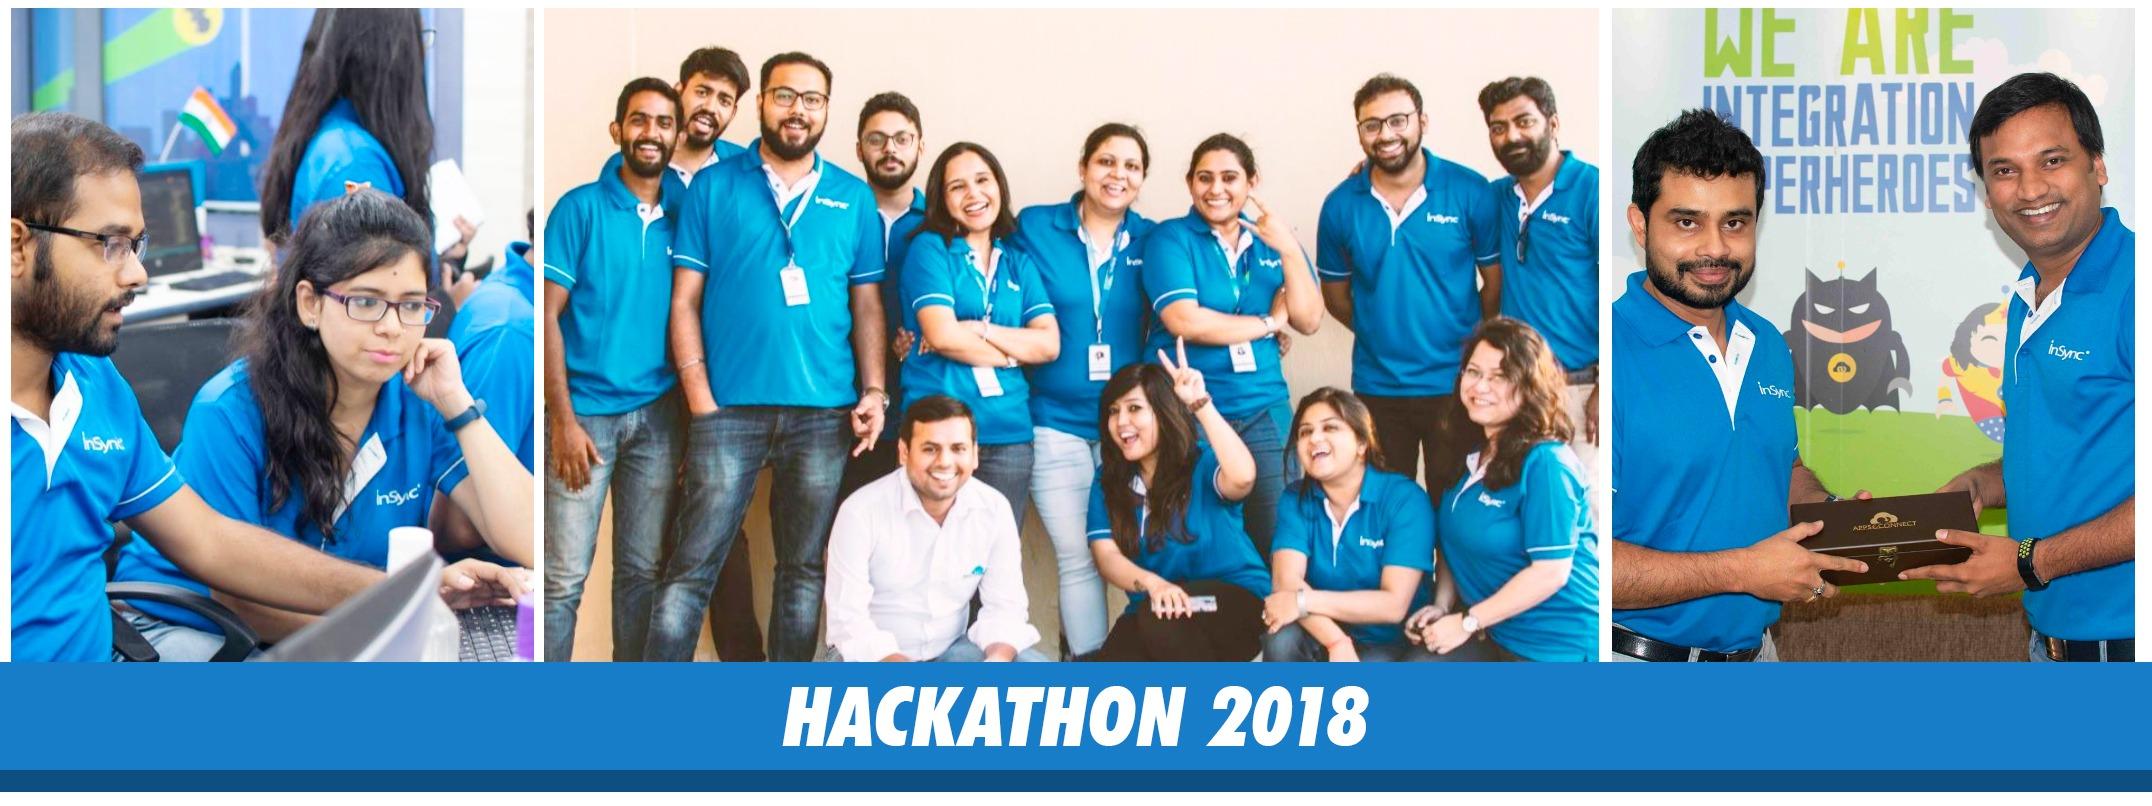 APPSeCONNECT-Hackathon-2018